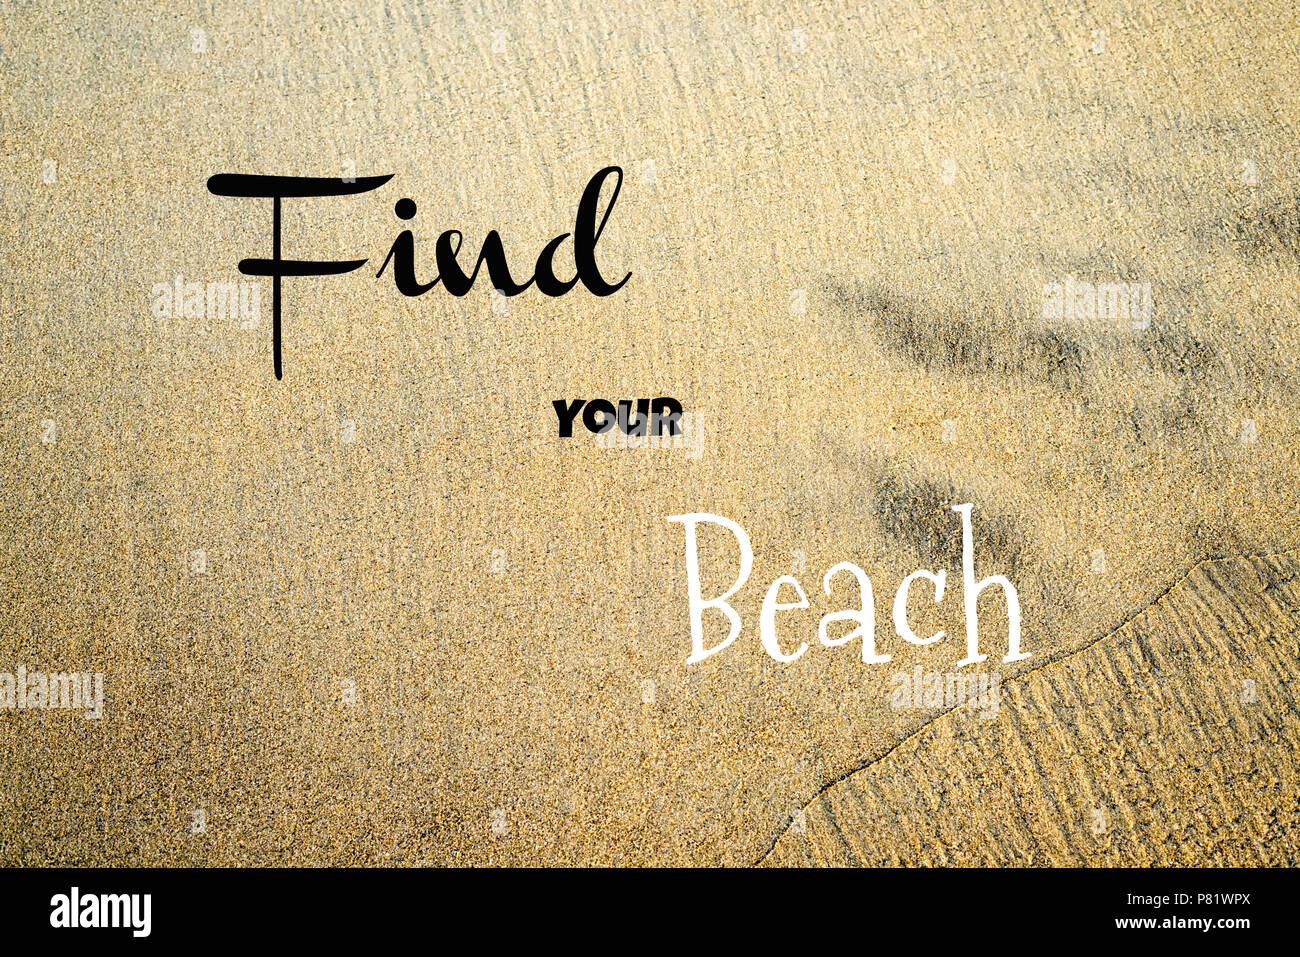 Parole (tipografia) posto su una fotografia sullo sfondo di una spiaggia della California. Immagini Stock